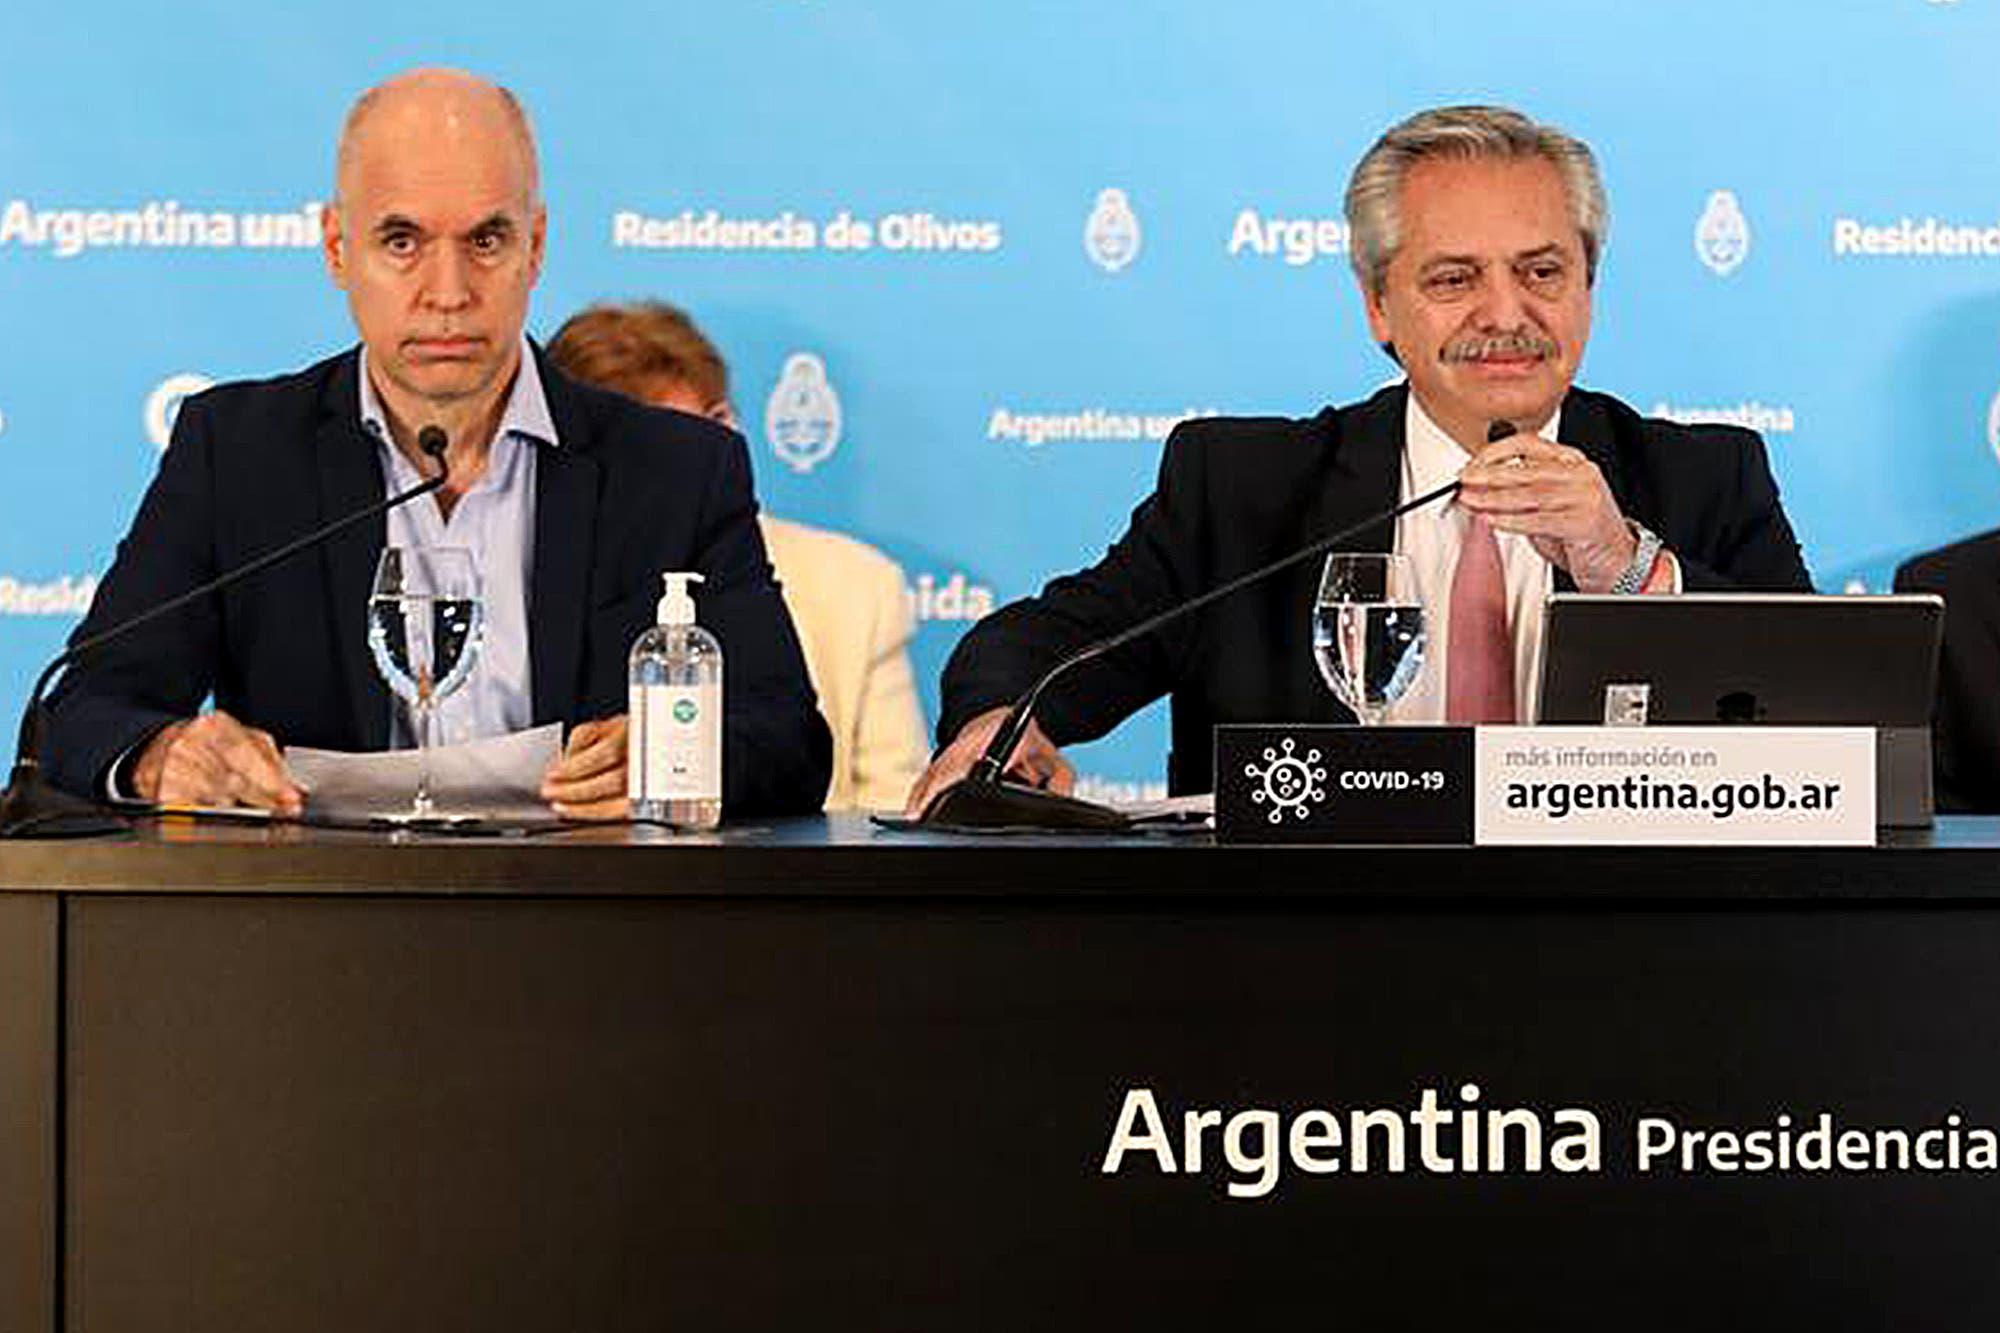 """Disputa por los fondos: """"Horacio Rodríguez Larreta debería ser más generoso"""", afirmó Alberto Fernández"""